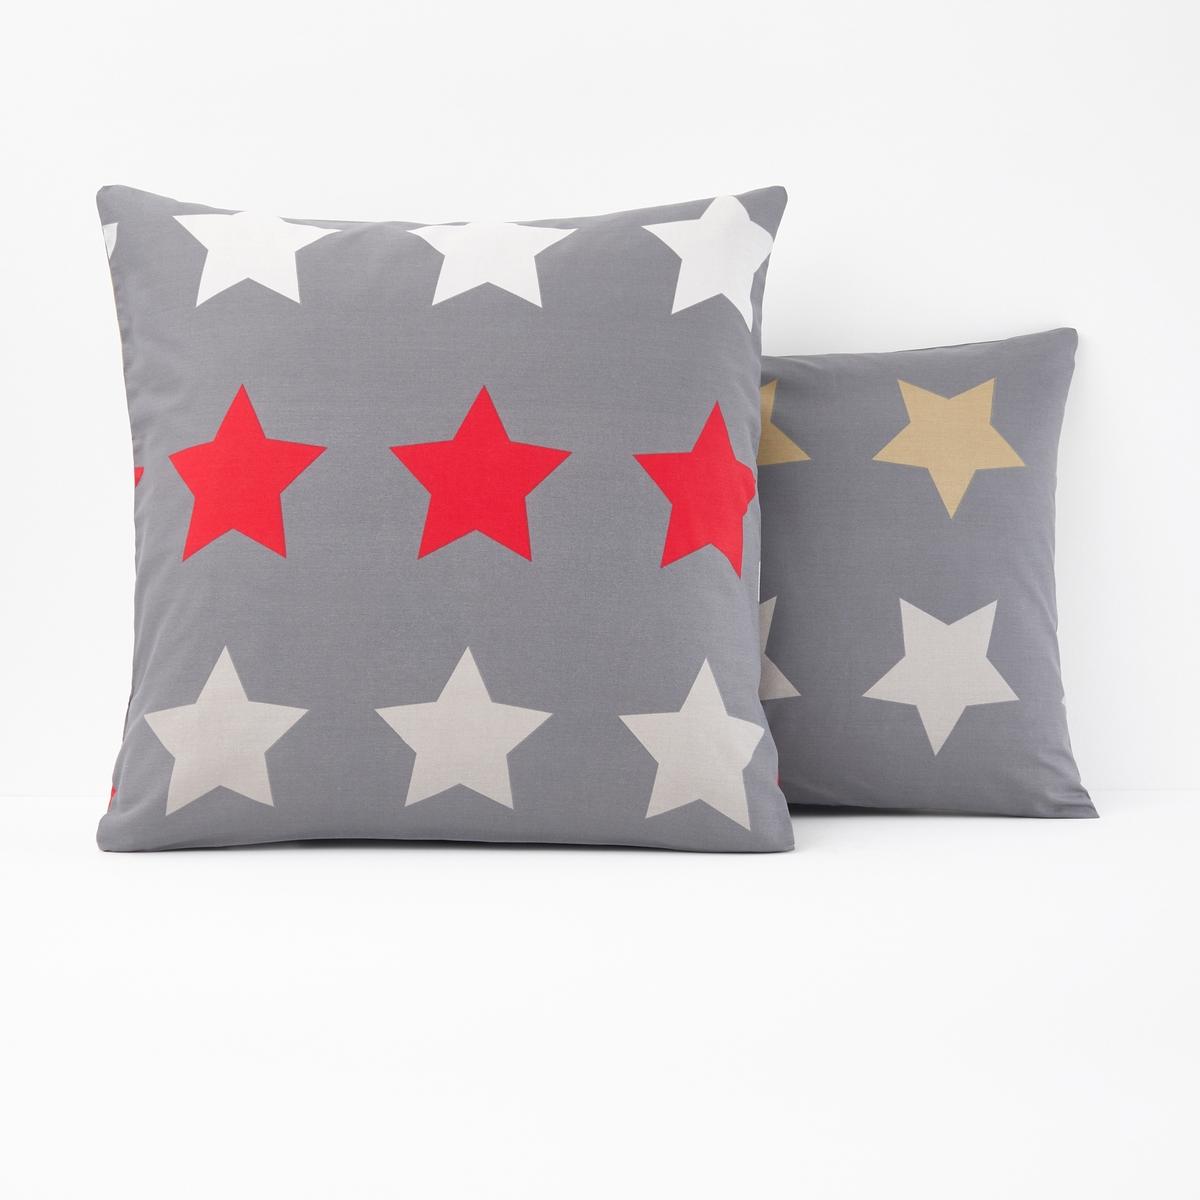 Наволочка с рисунком, STARS, anthraciteХарактеристики наволочки Stars anthracite :Квадратная наволочка в форме мешка : рисунок звезды на темно-сером фоне на лицевой и оборотной сторонах. 100% хлопок, 52 нитей/см? : чем больше нитей/см?, тем выше качество материала.Машинная стирка при 60 °С.Всю коллекцию постельного белья Stars anthracite вы можете найти на сайте la redoute.ru Знак Oeko-Tex® гарантирует, что товары прошли проверку и были изготовлены без применения вредных для здоровья человека веществ. Размер на выбор :63 x 63 см : квадратная наволочка50 x 70 см : прямоугольная наволочка<br><br>Цвет: антрацит